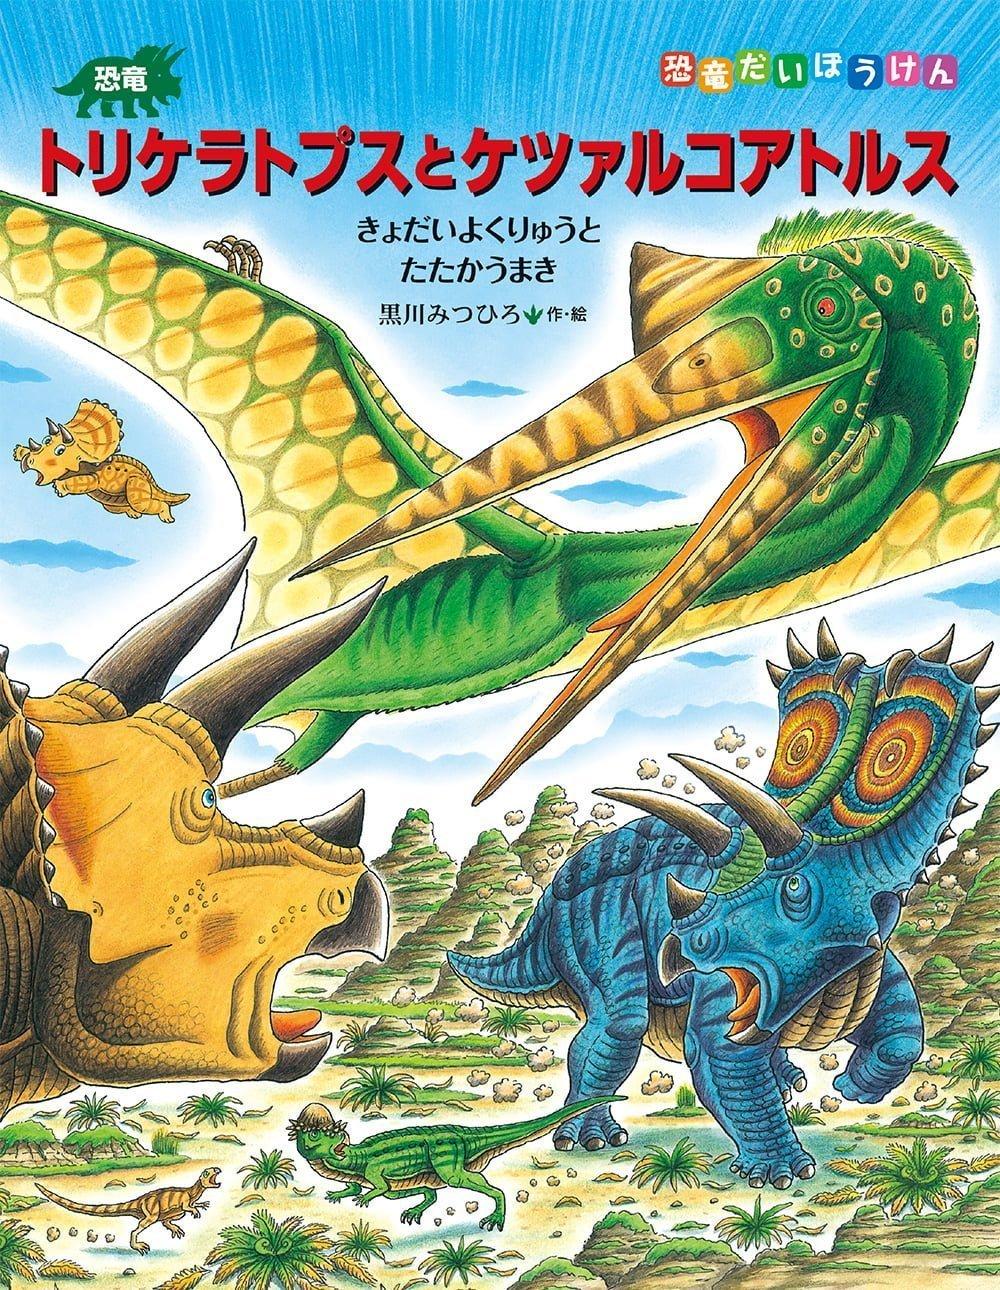 絵本「恐竜トリケラトプスとケツァルコアトルス」の表紙